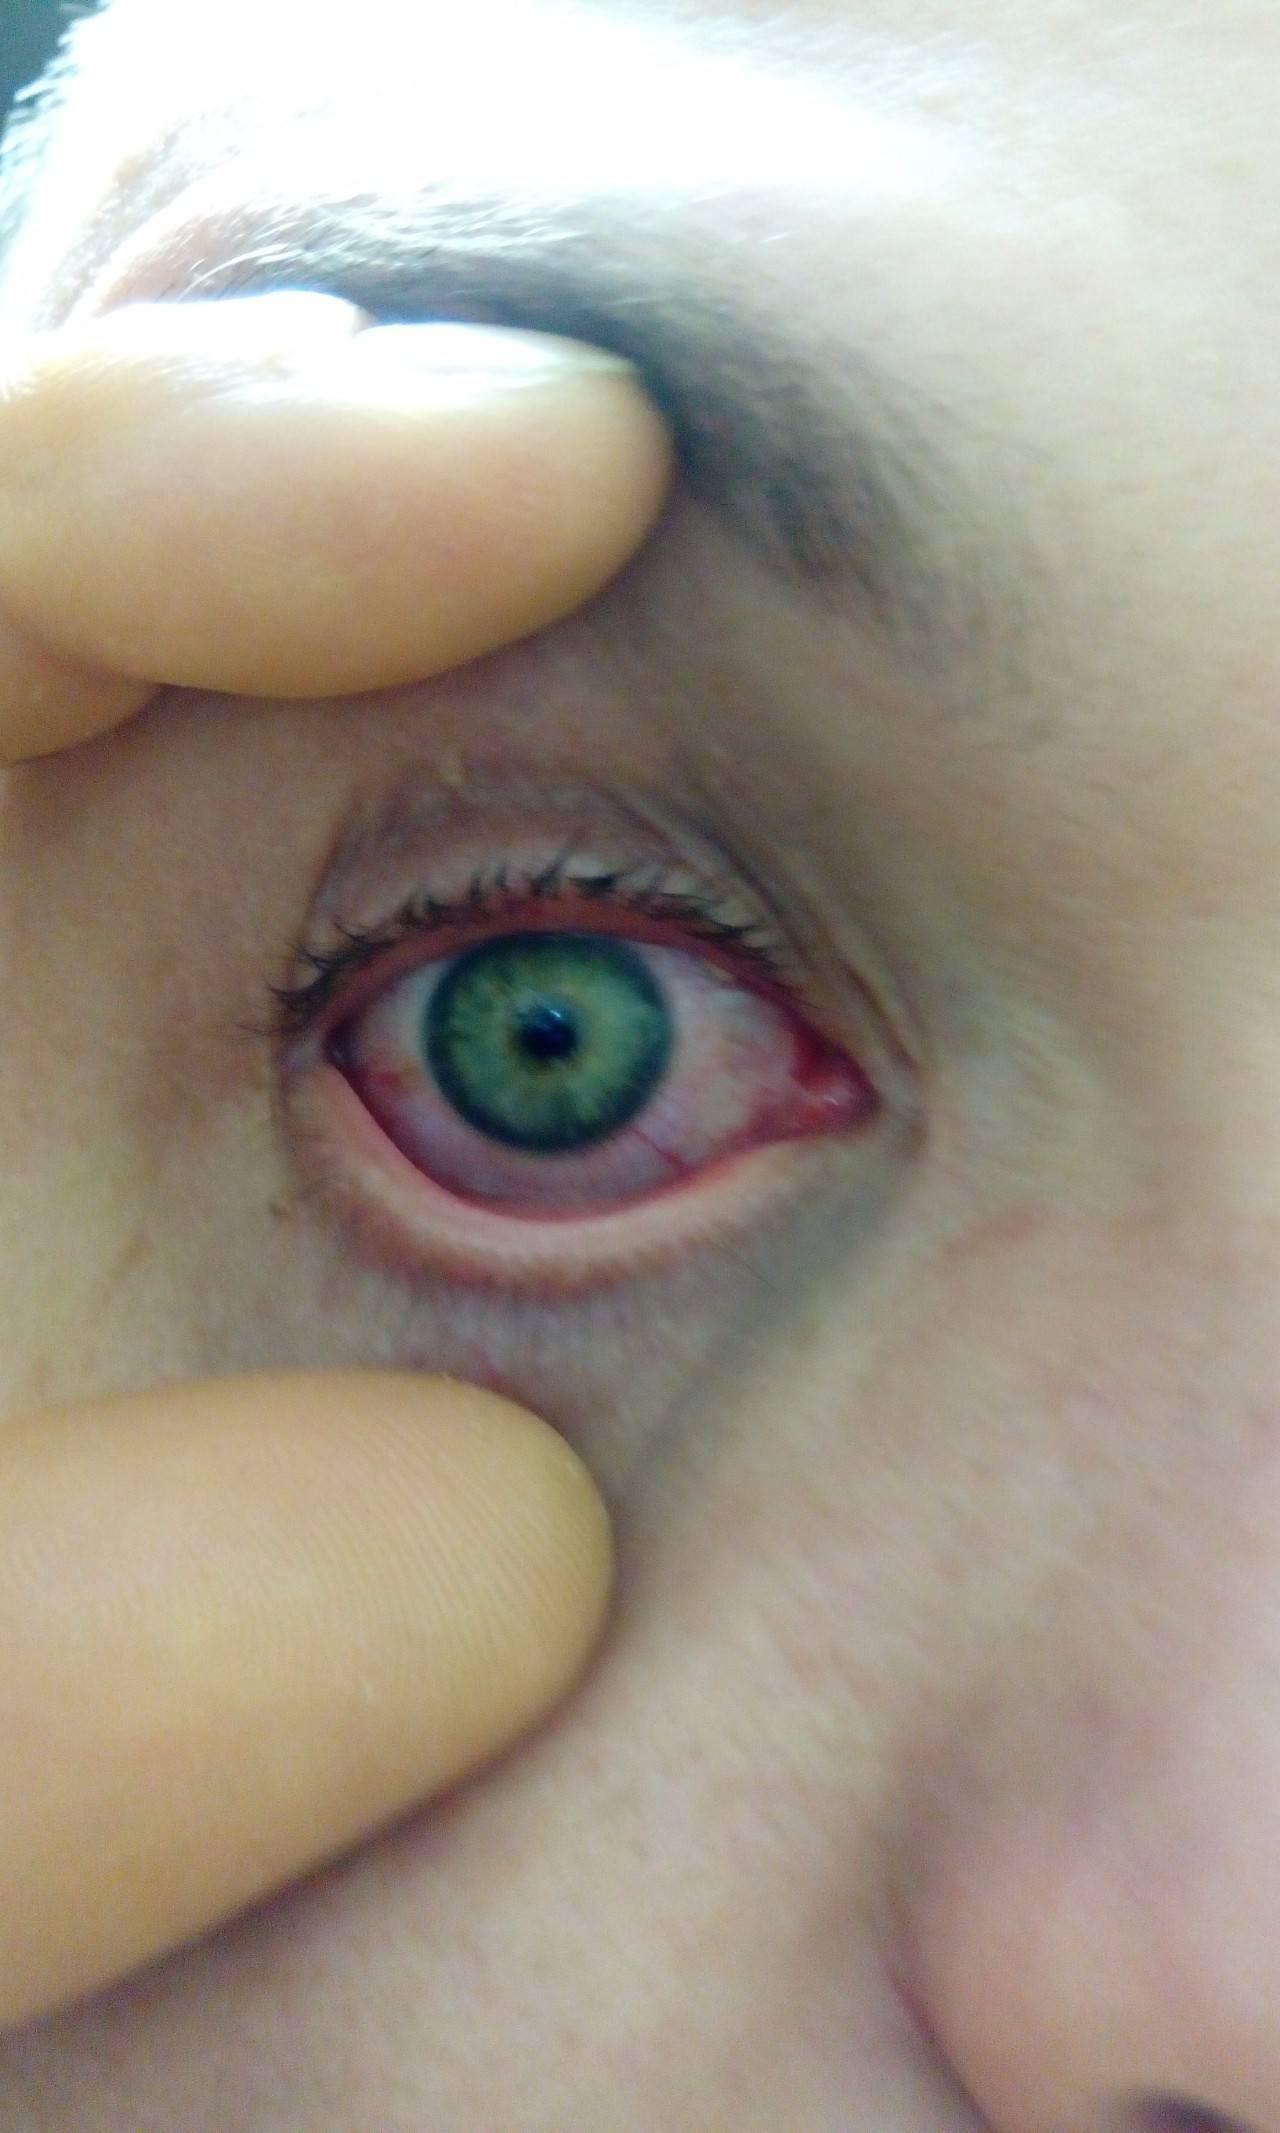 Из глаз выделяется желтоватая слизь что делать. выделения в уголках глаз у ребенка и взрослого: причины, чем лечить